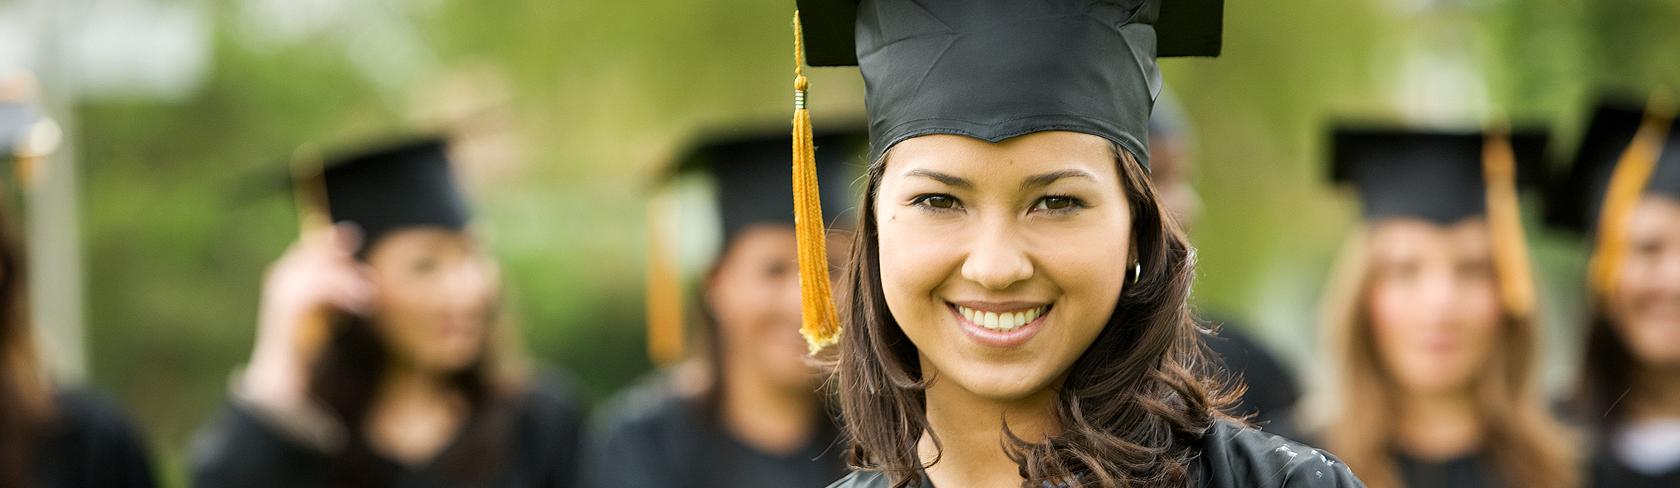 Programme national de bourses d'études Image